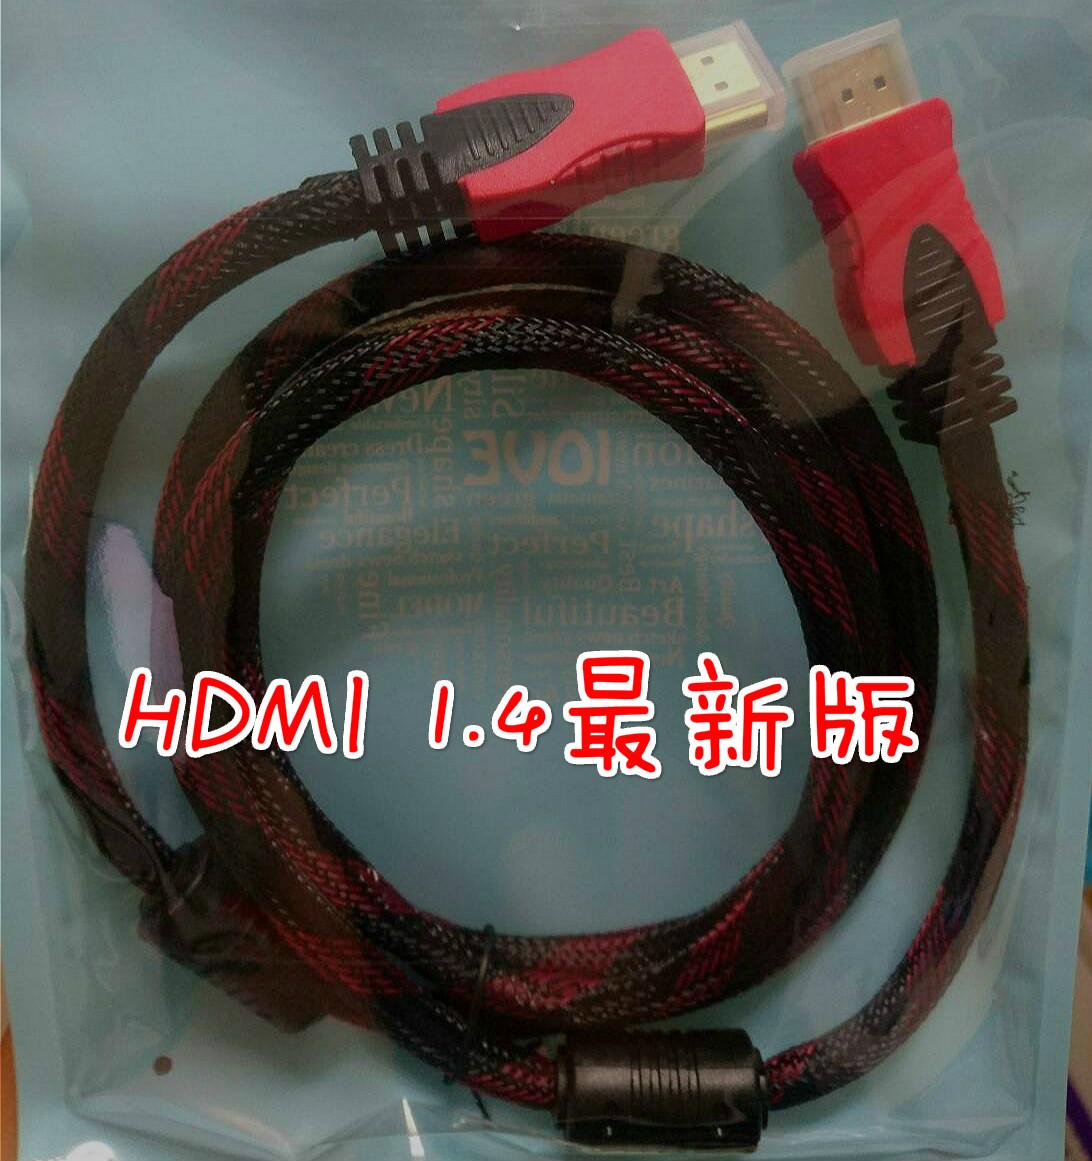 ❤含發票❤HDMI❤HDMI1.4新版HDMI1.5m傳輸線高畫質電視DV筆記型電腦攝影機單眼相機電腦液晶電視LCD電視